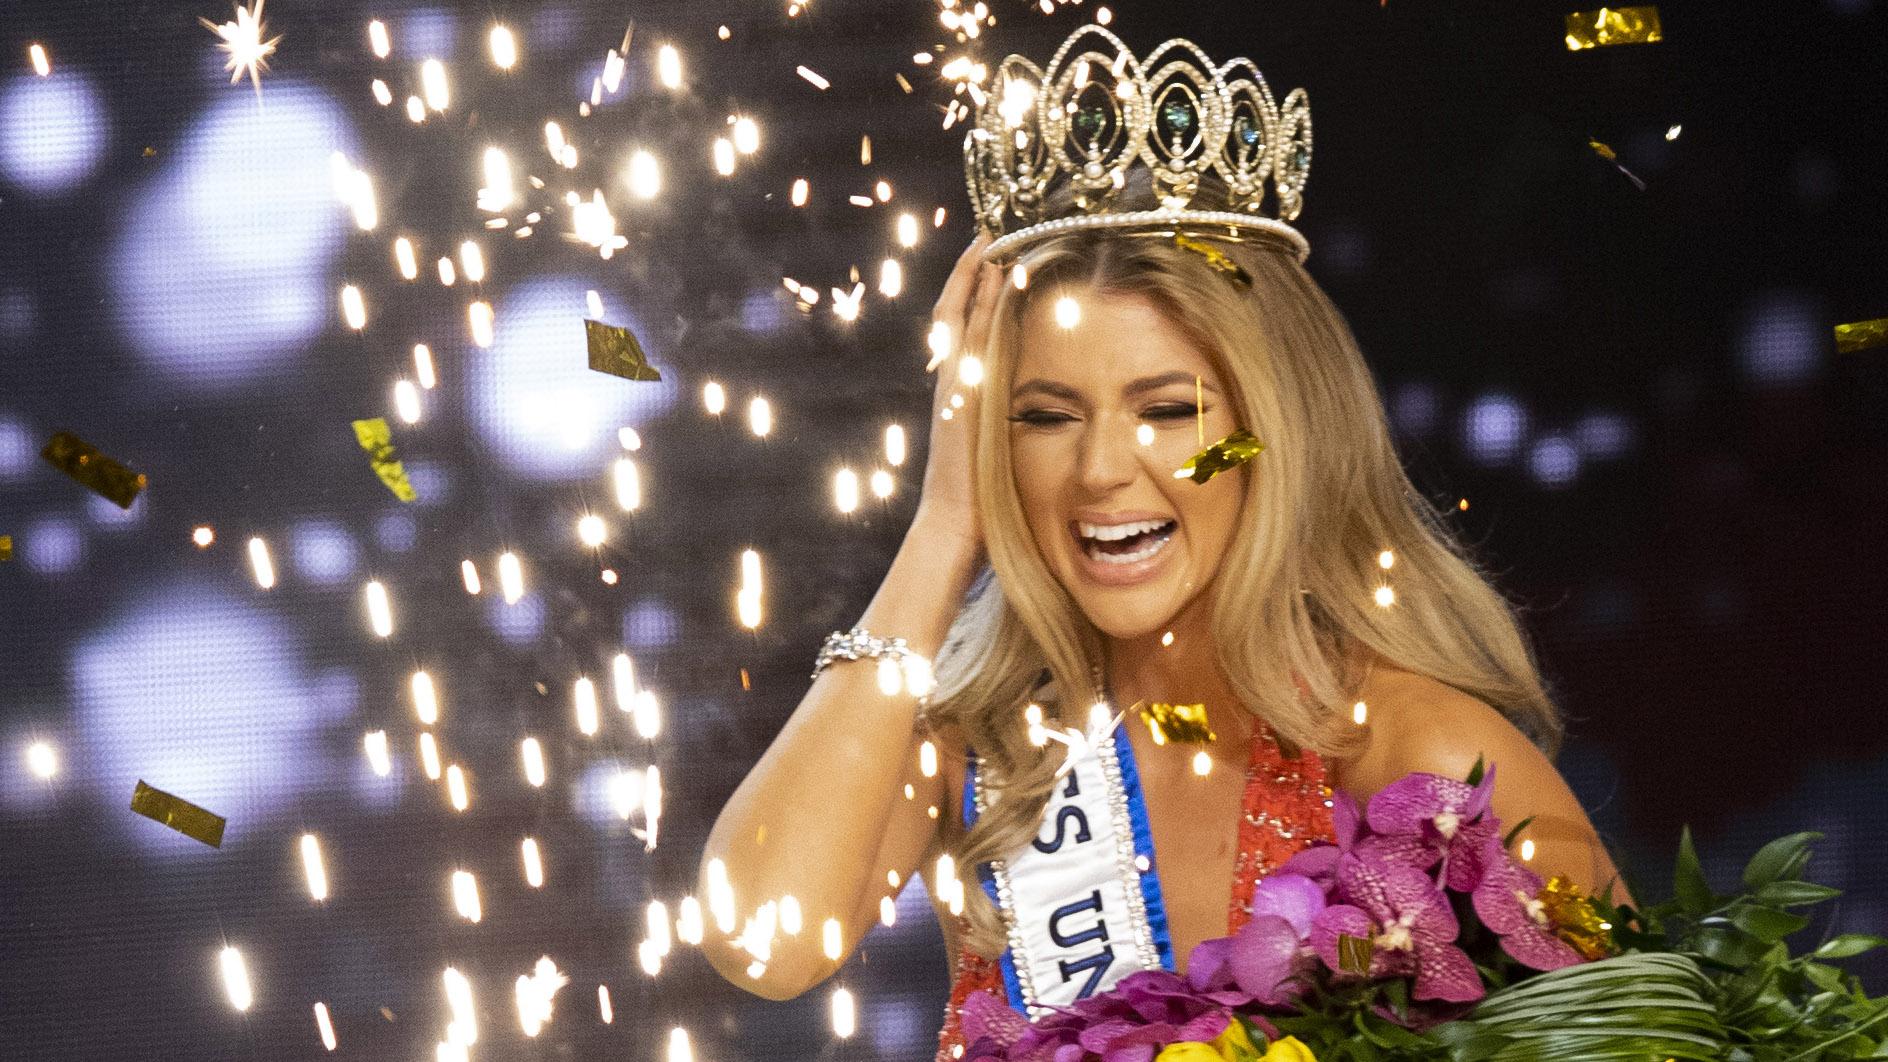 Madison Anderson habla sobre sus planes tras ganar la corona